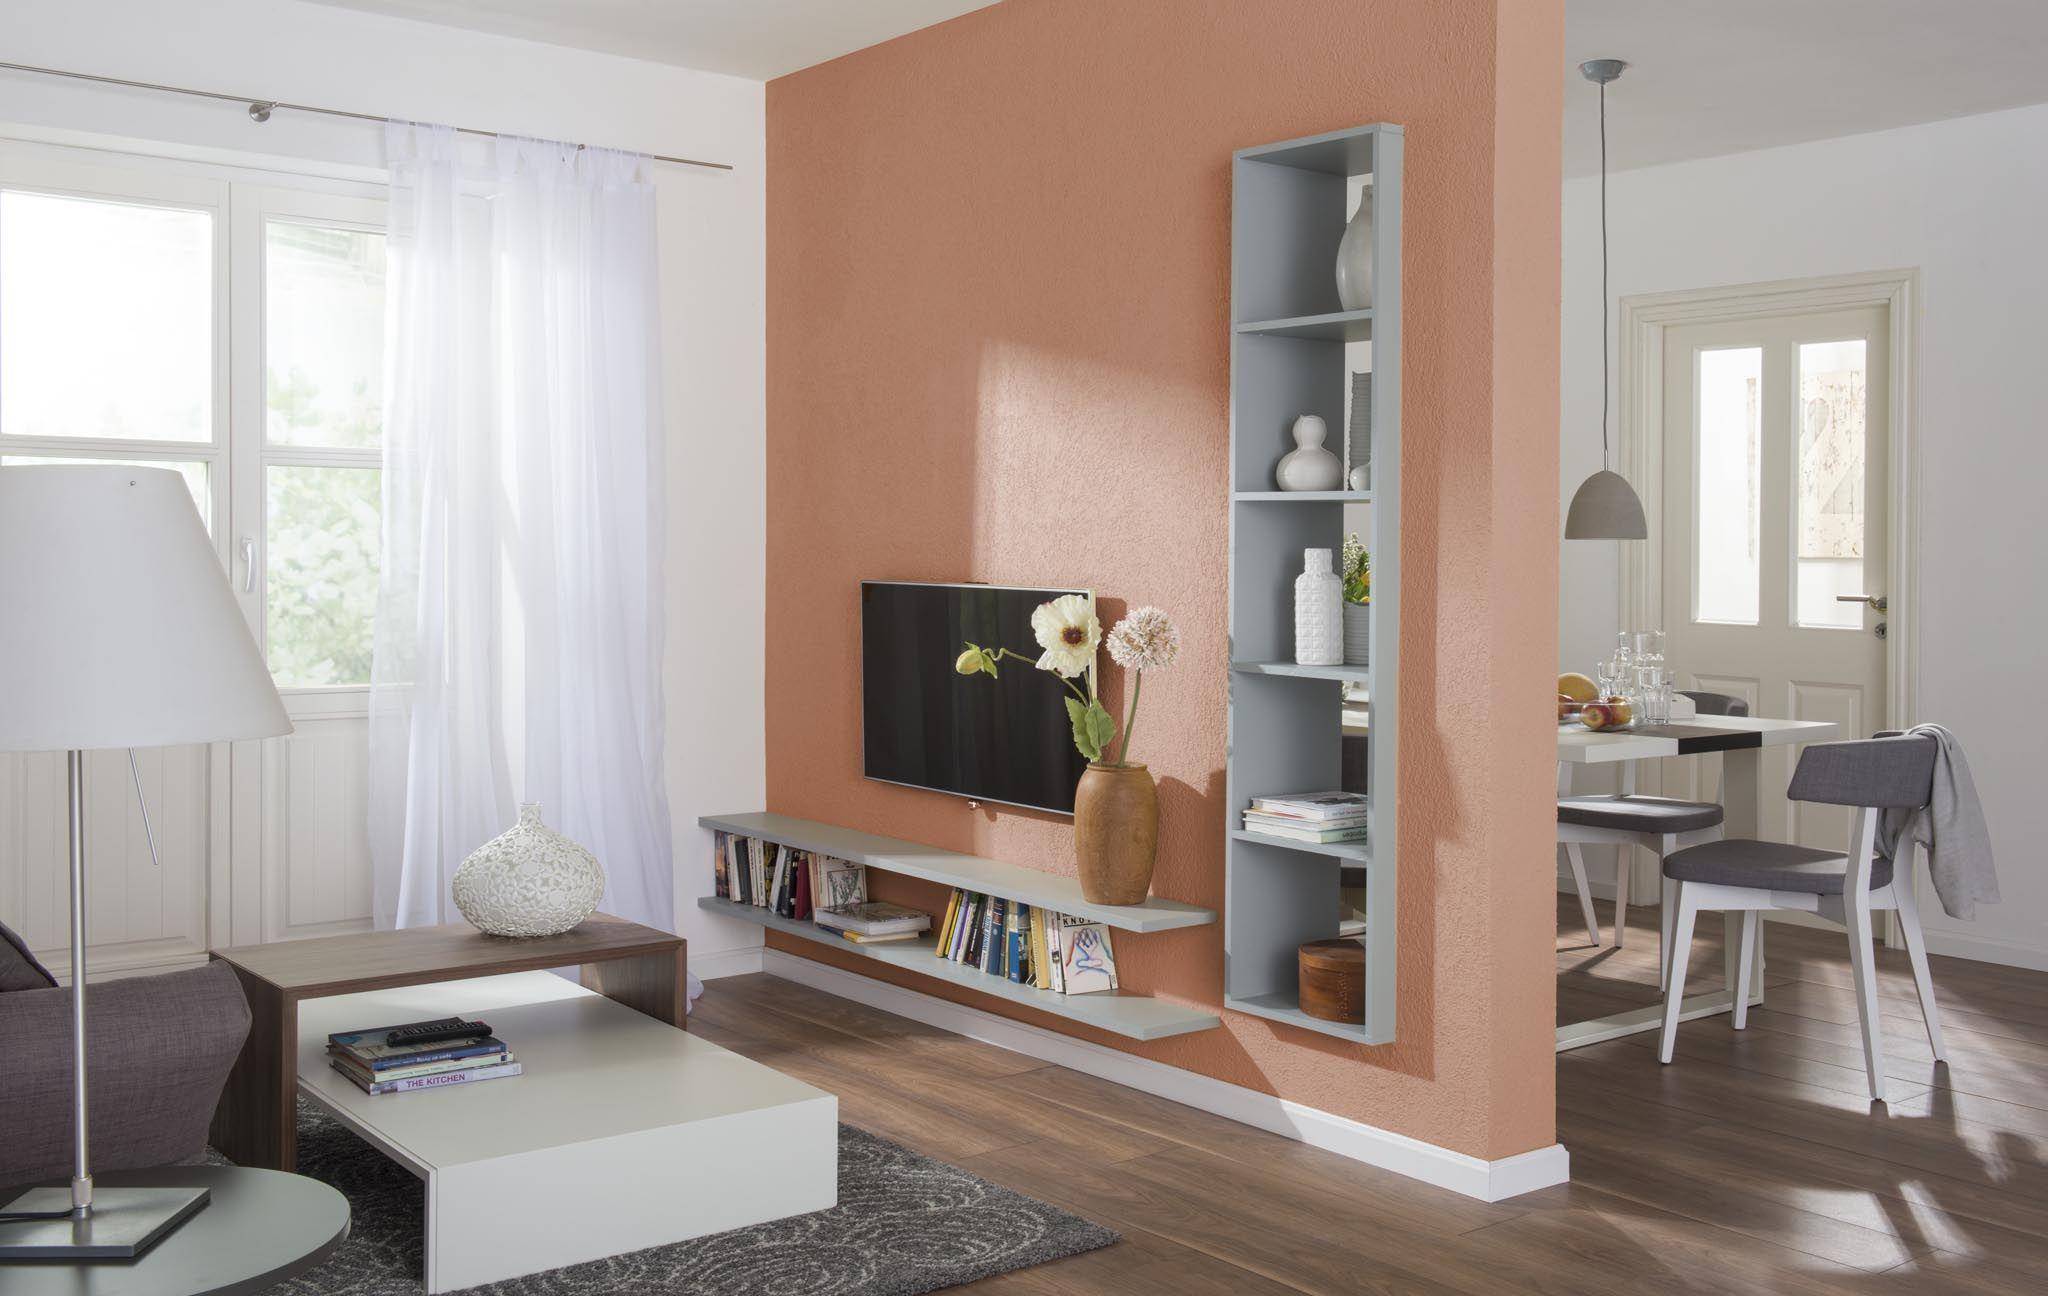 Einrichtung Wohnzimmer Wohn Esszimmer Ideen Einrichten Einrichtung